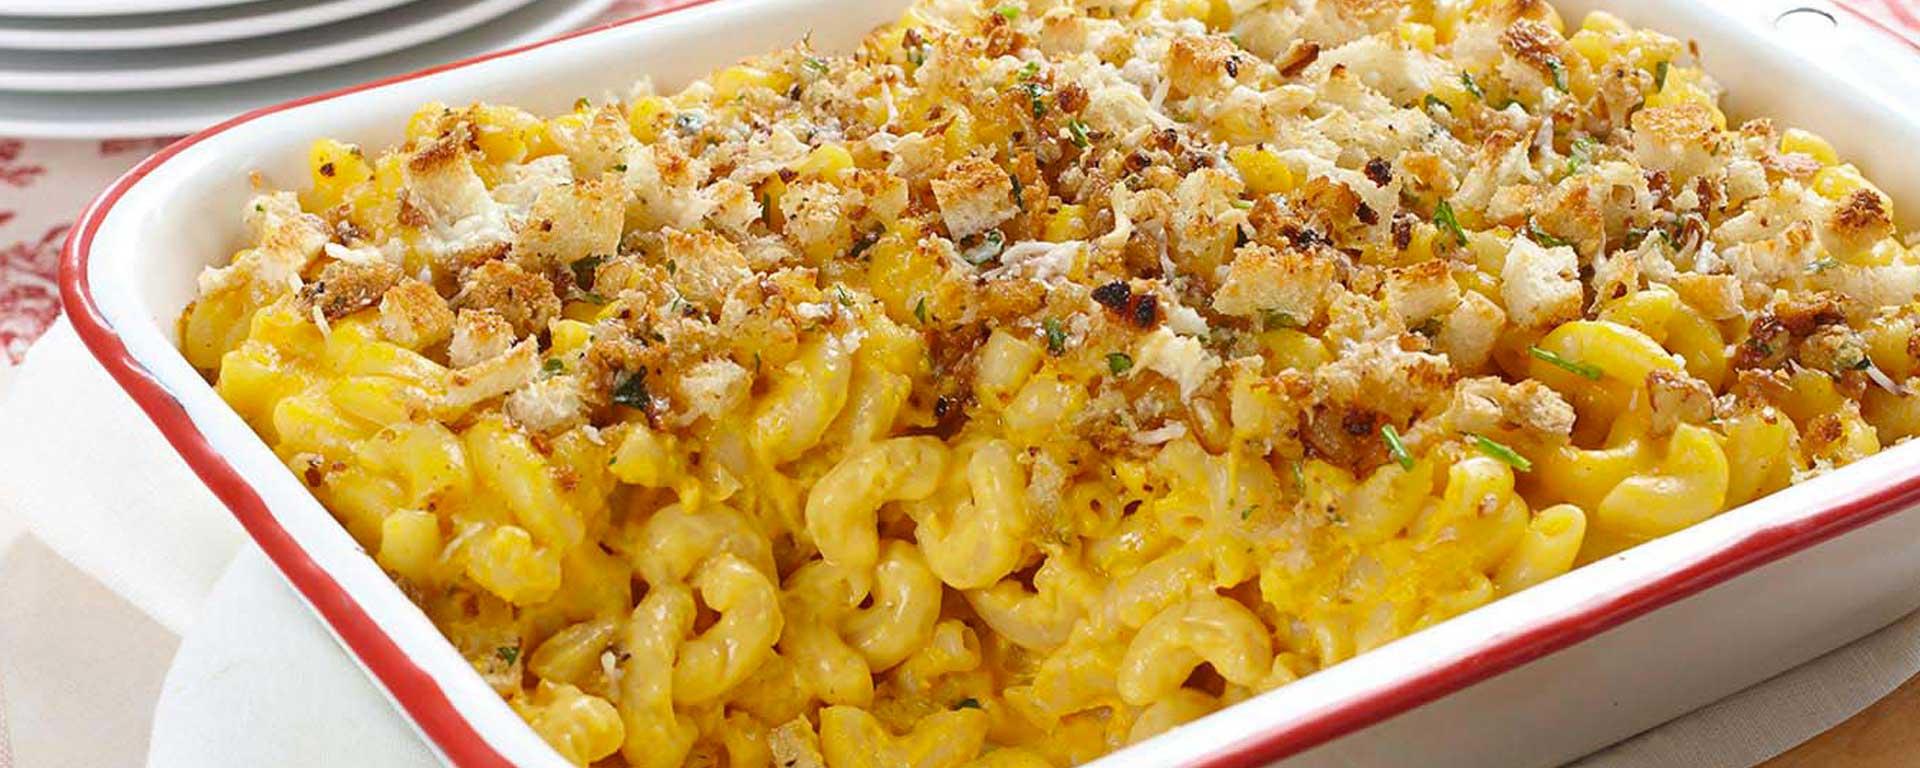 Photo for - Healthier Mac 'N Cheese